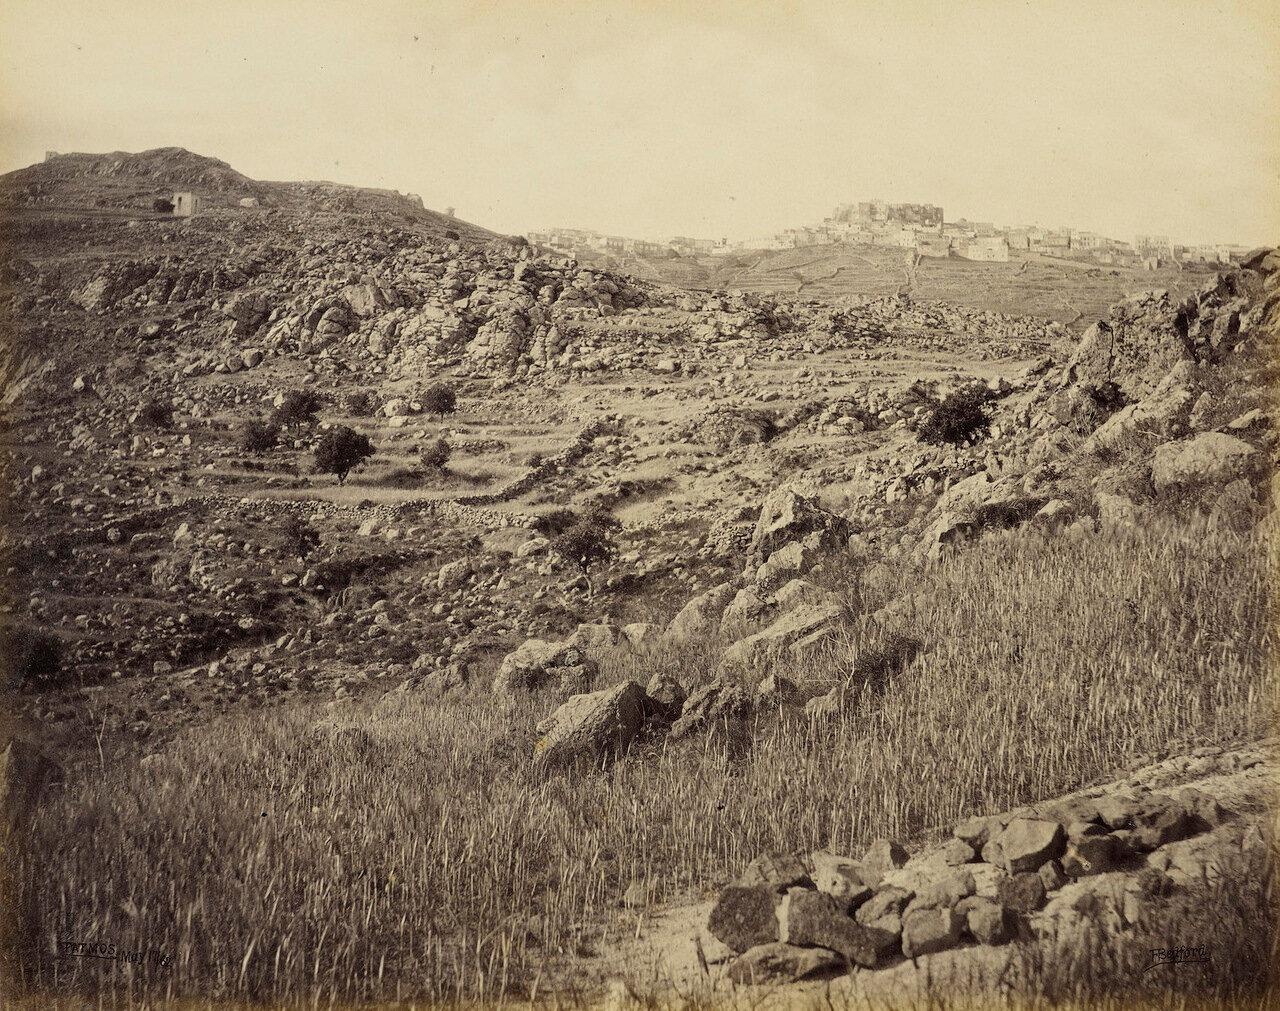 17 мая 1862. Патмос. Цитадель (возможно монастырь Св. Иоанна)